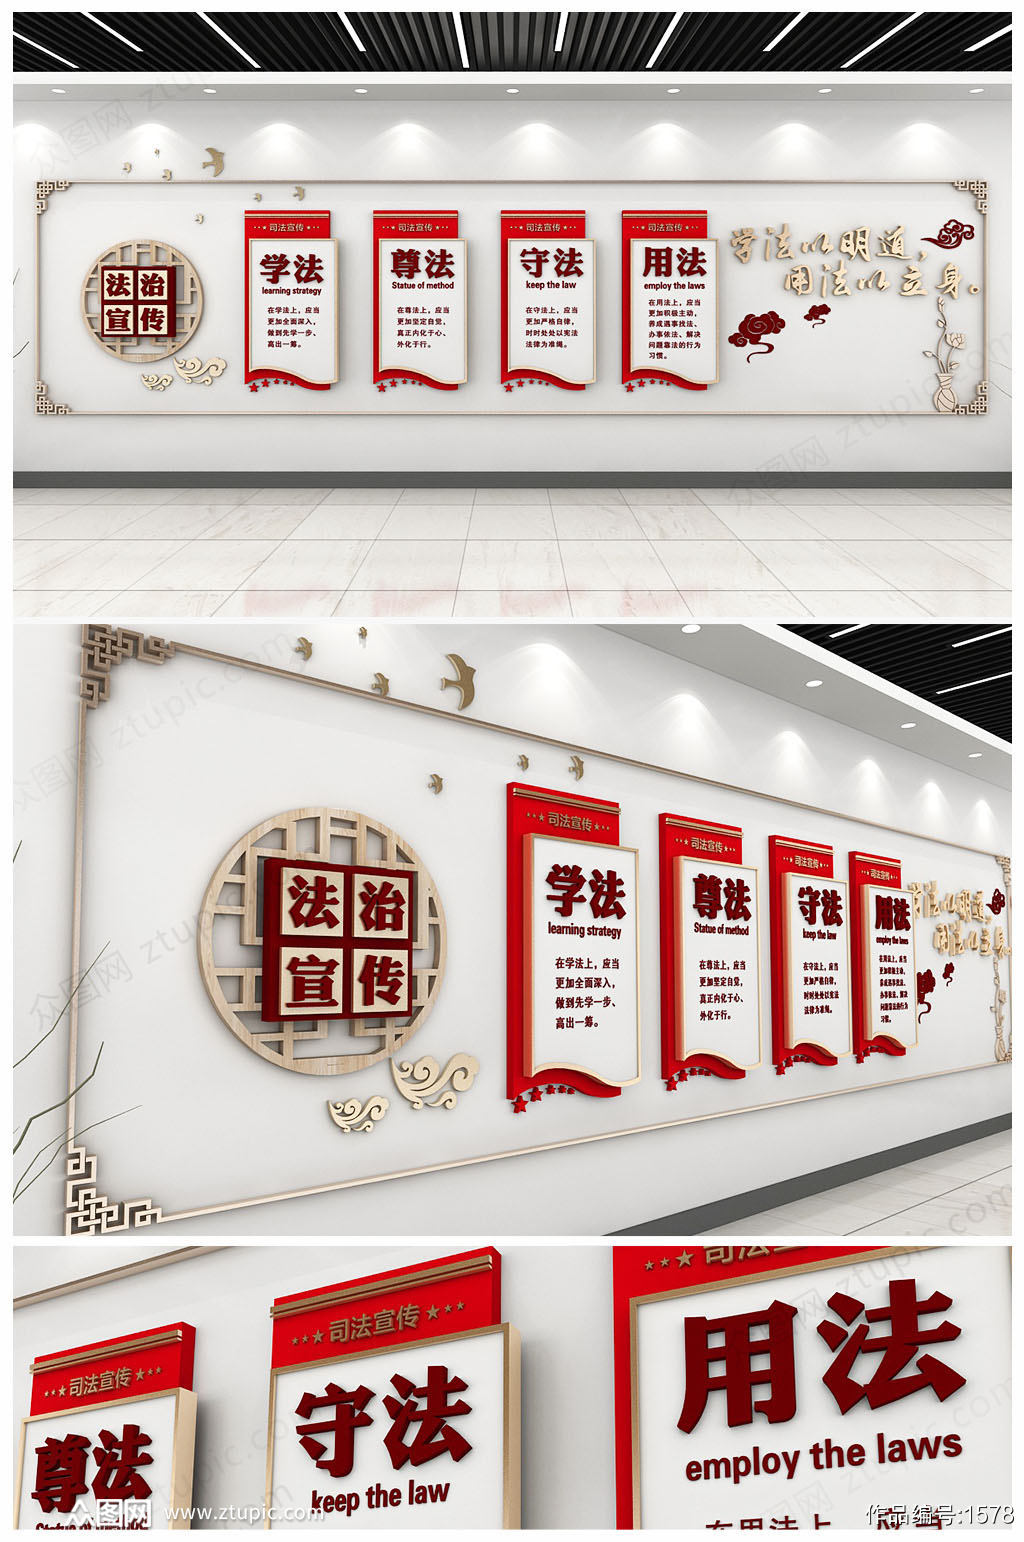 原创红色宪法宣传司法局党建文化墙素材